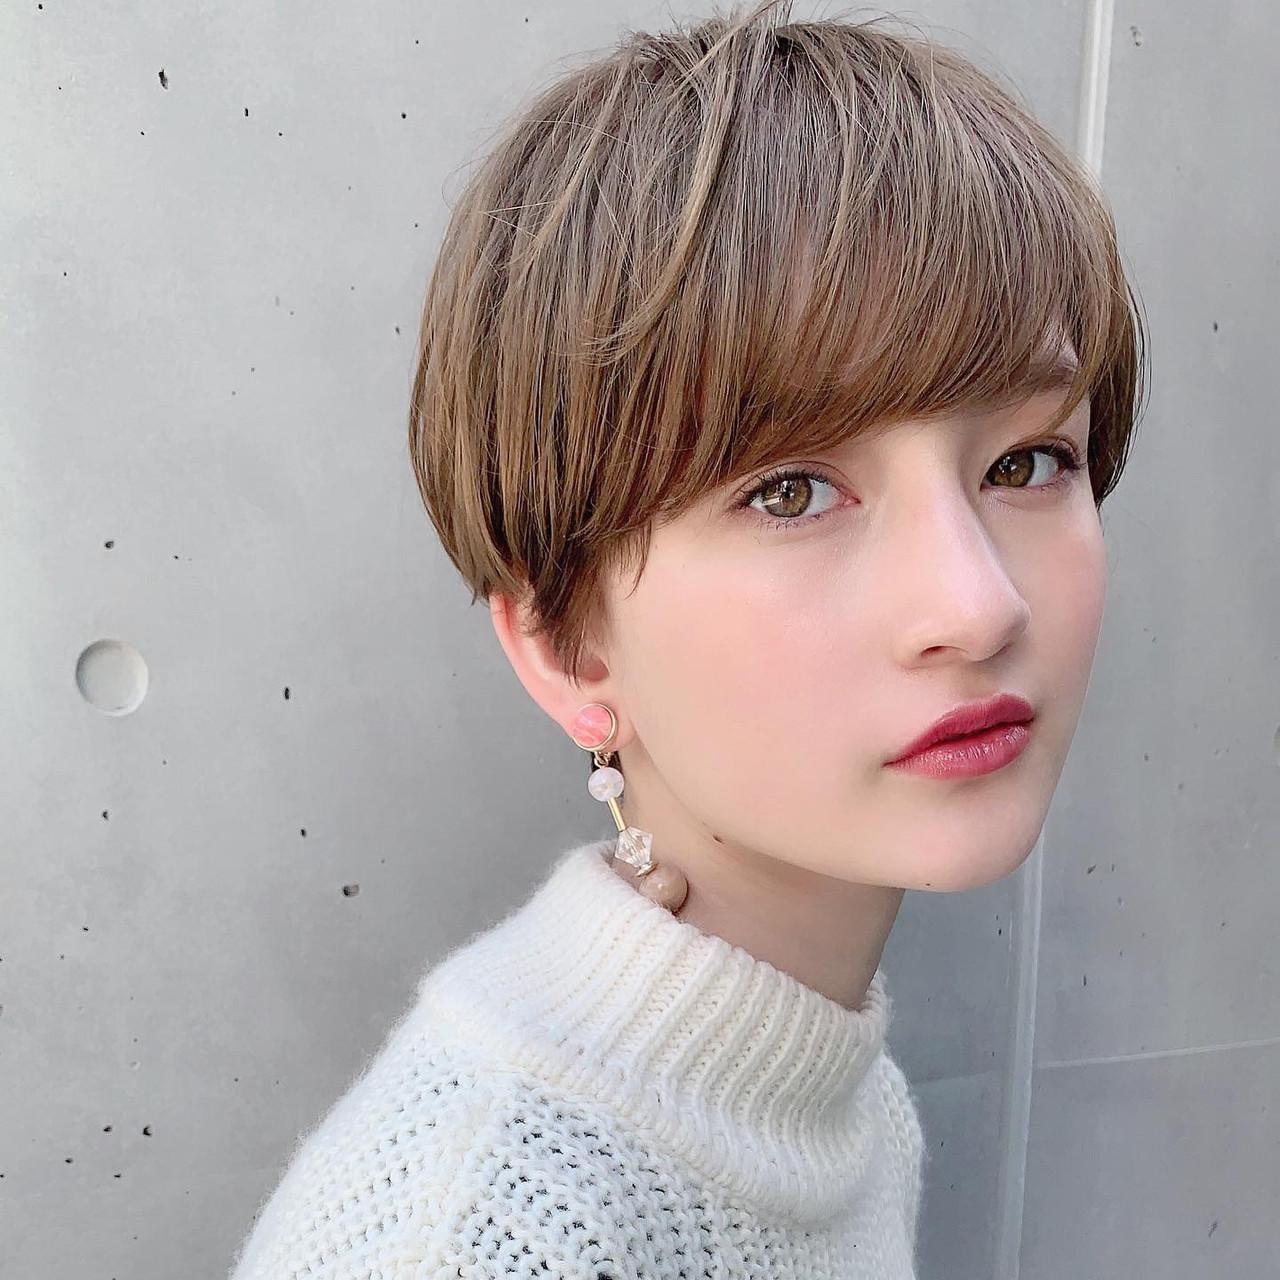 オフィス デート ヘアアレンジ パーマ ヘアスタイルや髪型の写真・画像